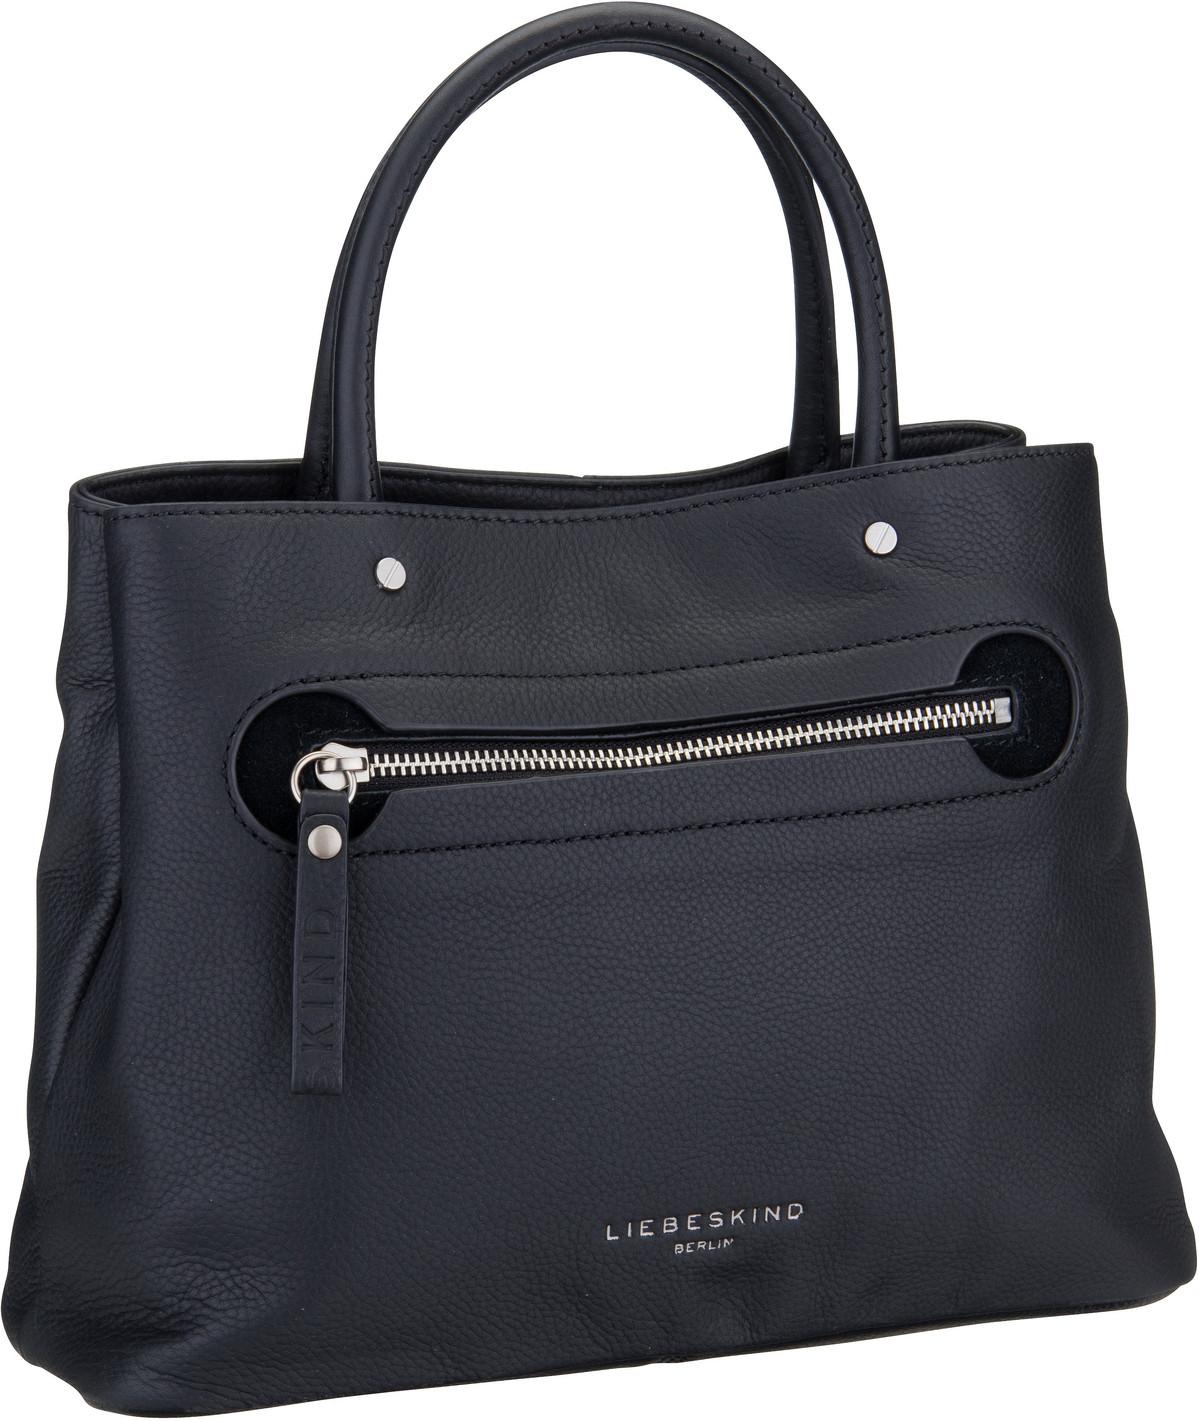 Berlin Handtasche Mini Daily 2 Satchel S Black